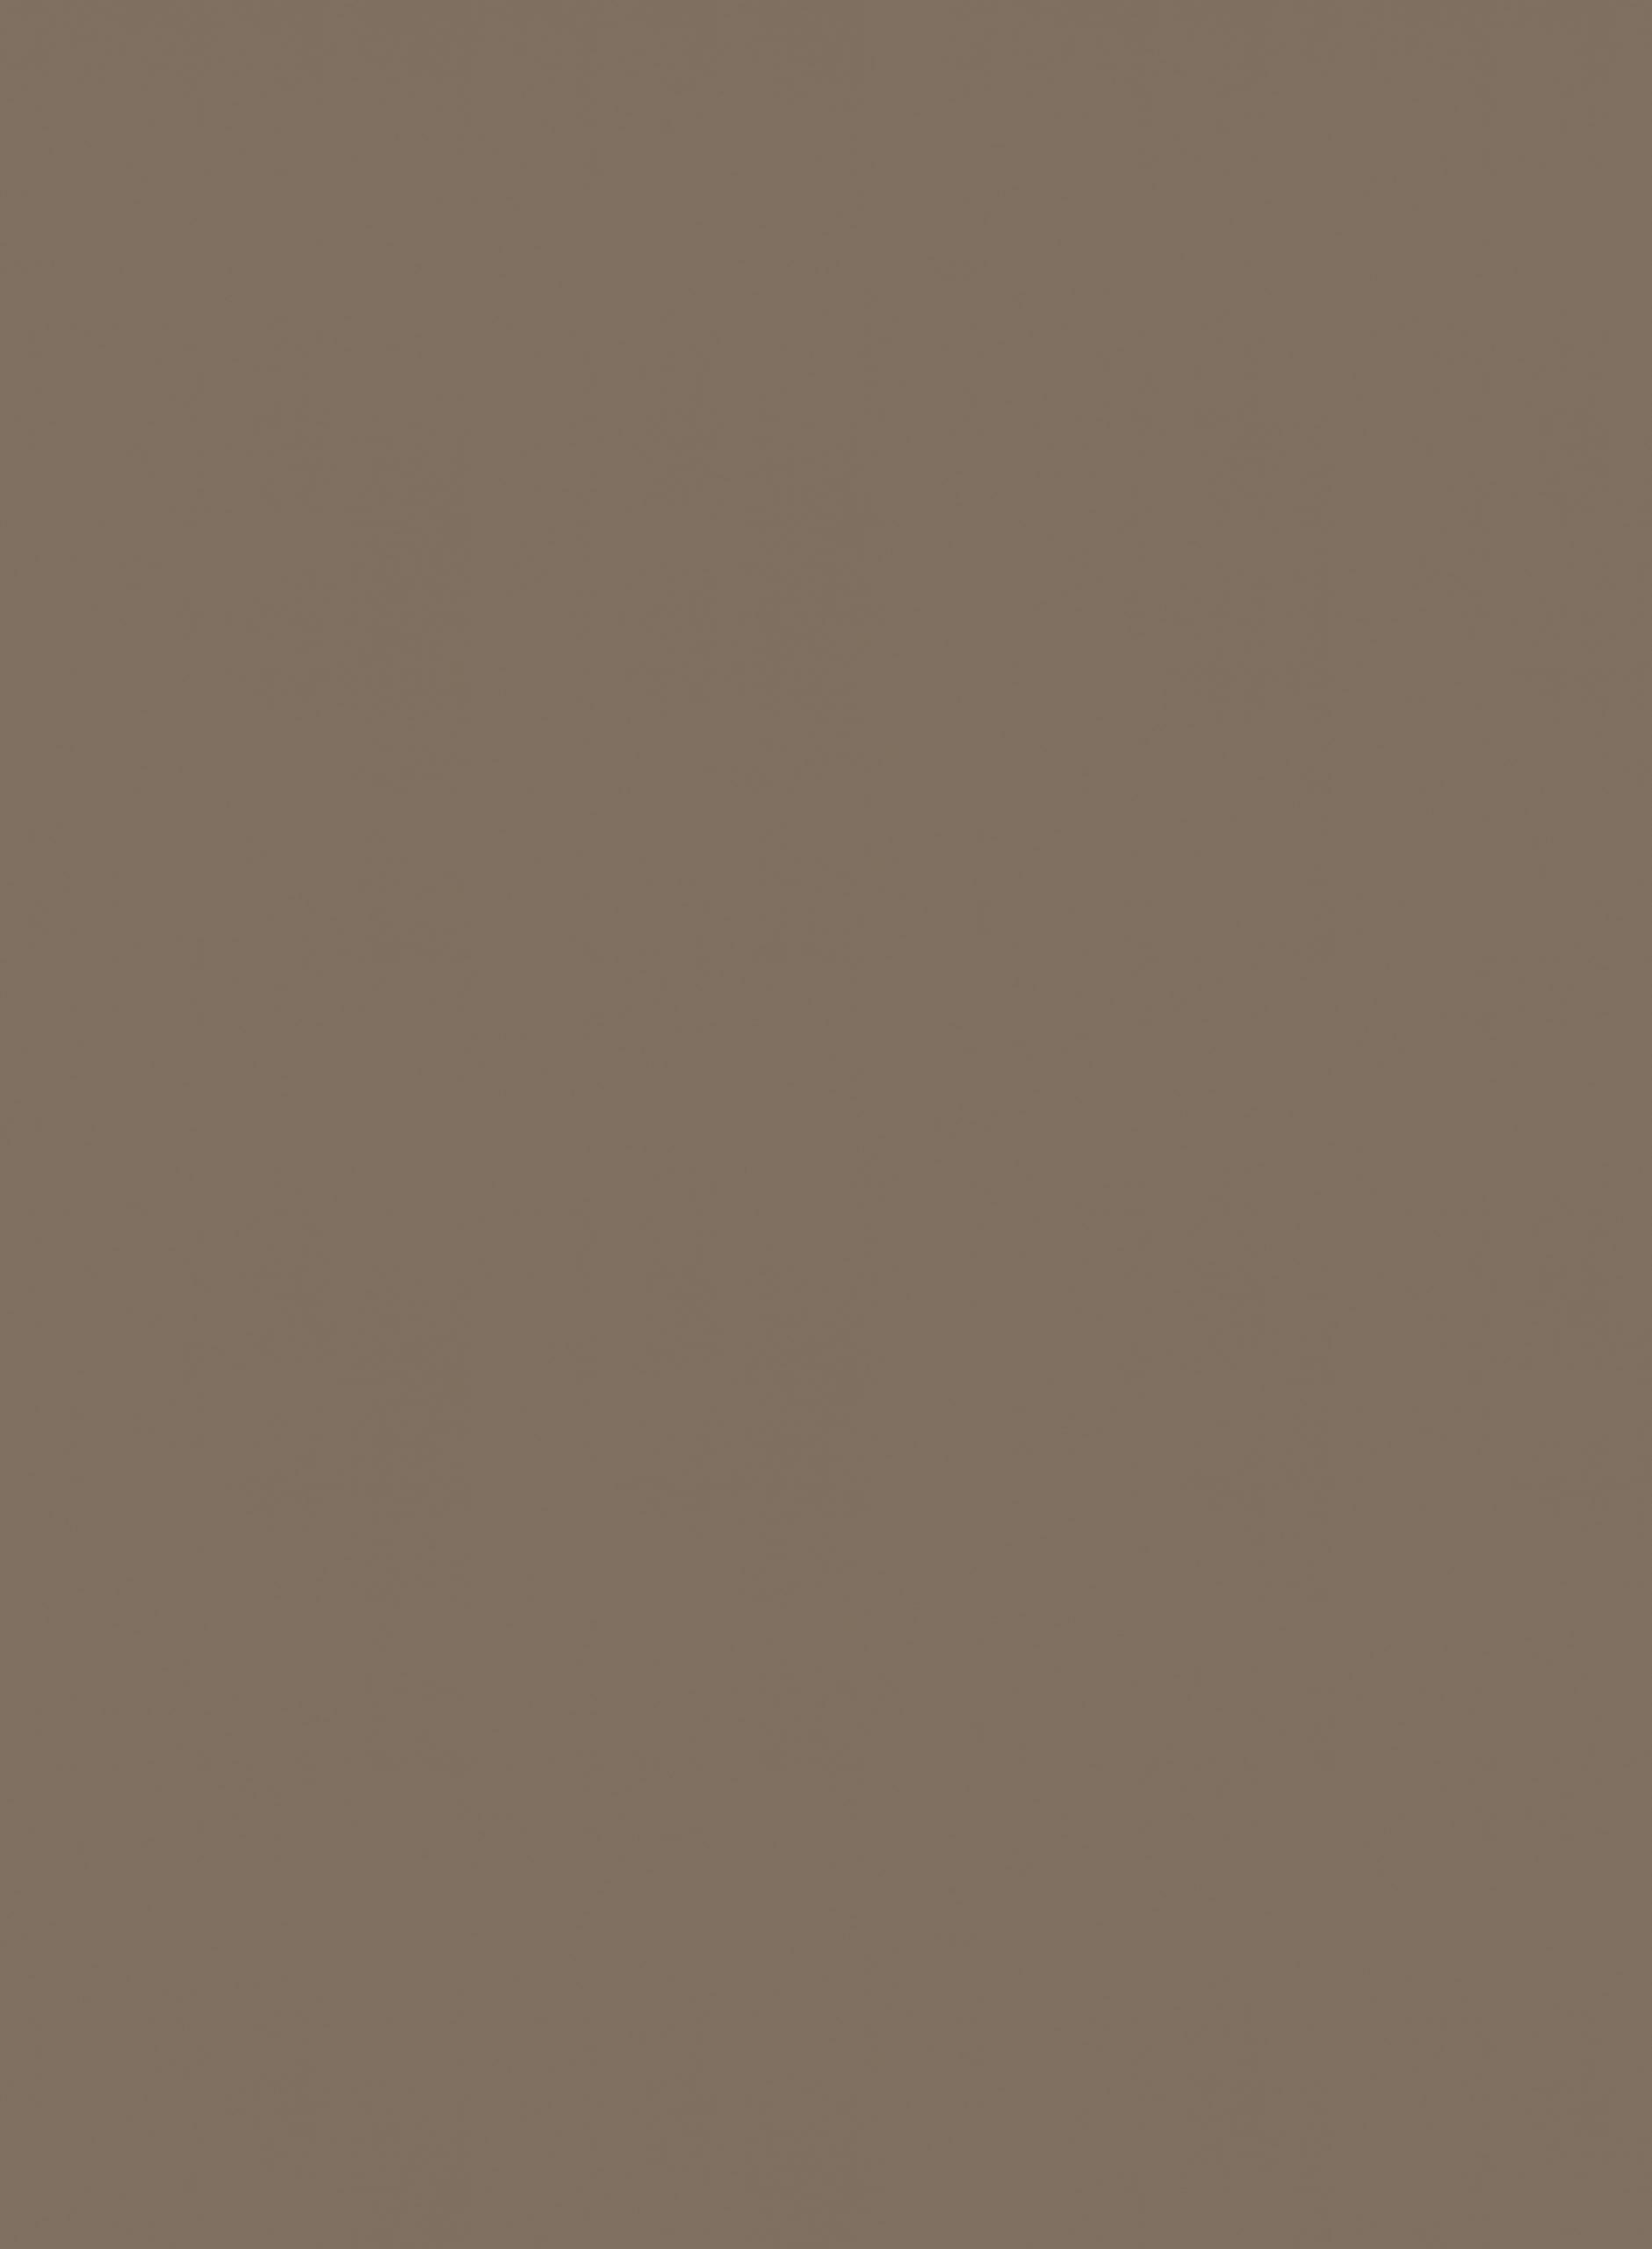 UB01 Ovatta hele plaatafbeelding 2800x2070 mm